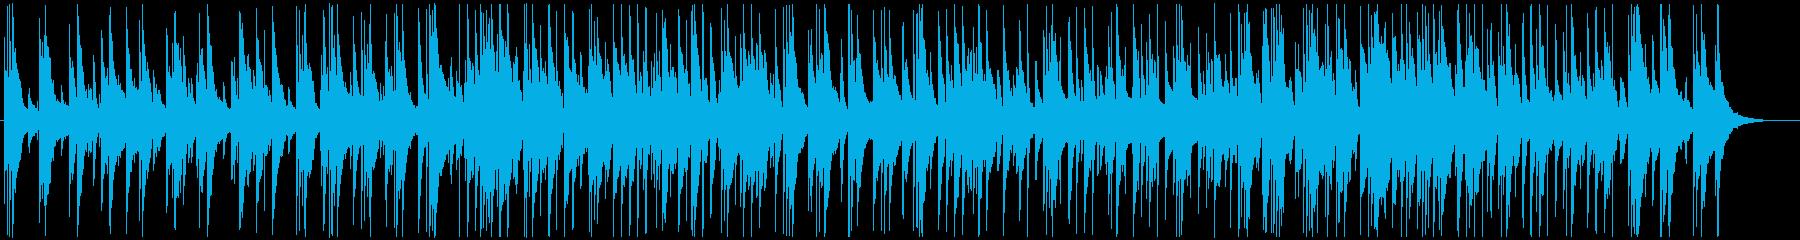 リラックスピアノスムースジャズ♫の再生済みの波形